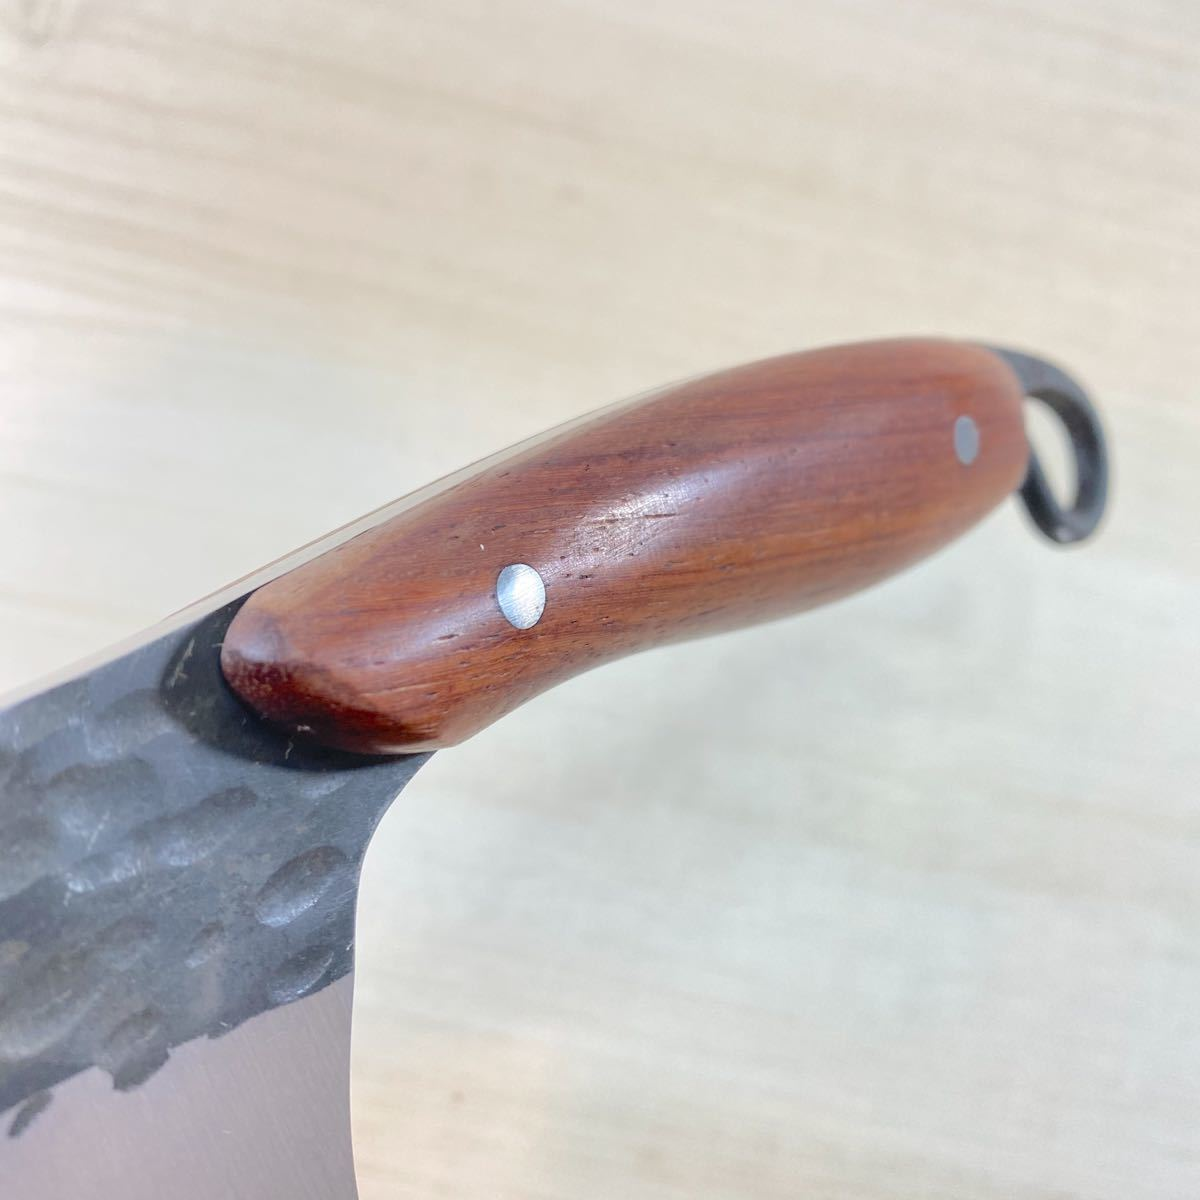 シースナイフ レザーケース付き! アウトドアナイフ